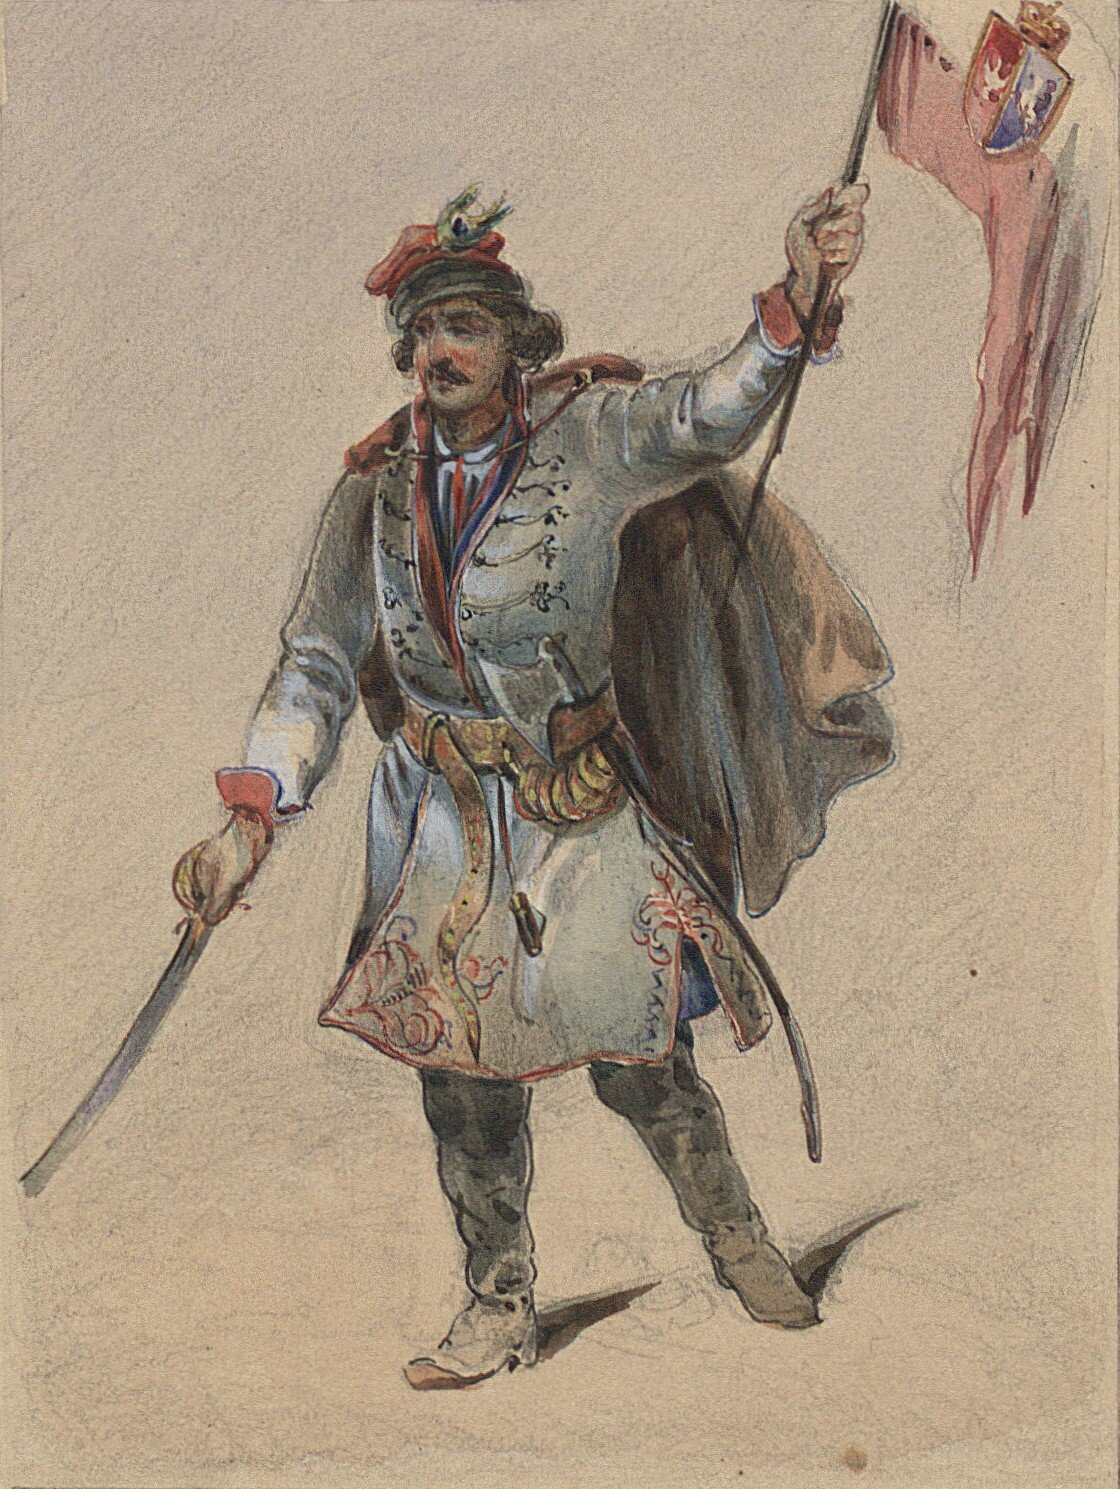 Kosynier Źródło: Cyprian Kamil Norwid, Kosynier, 1843, akwarela, domena publiczna.